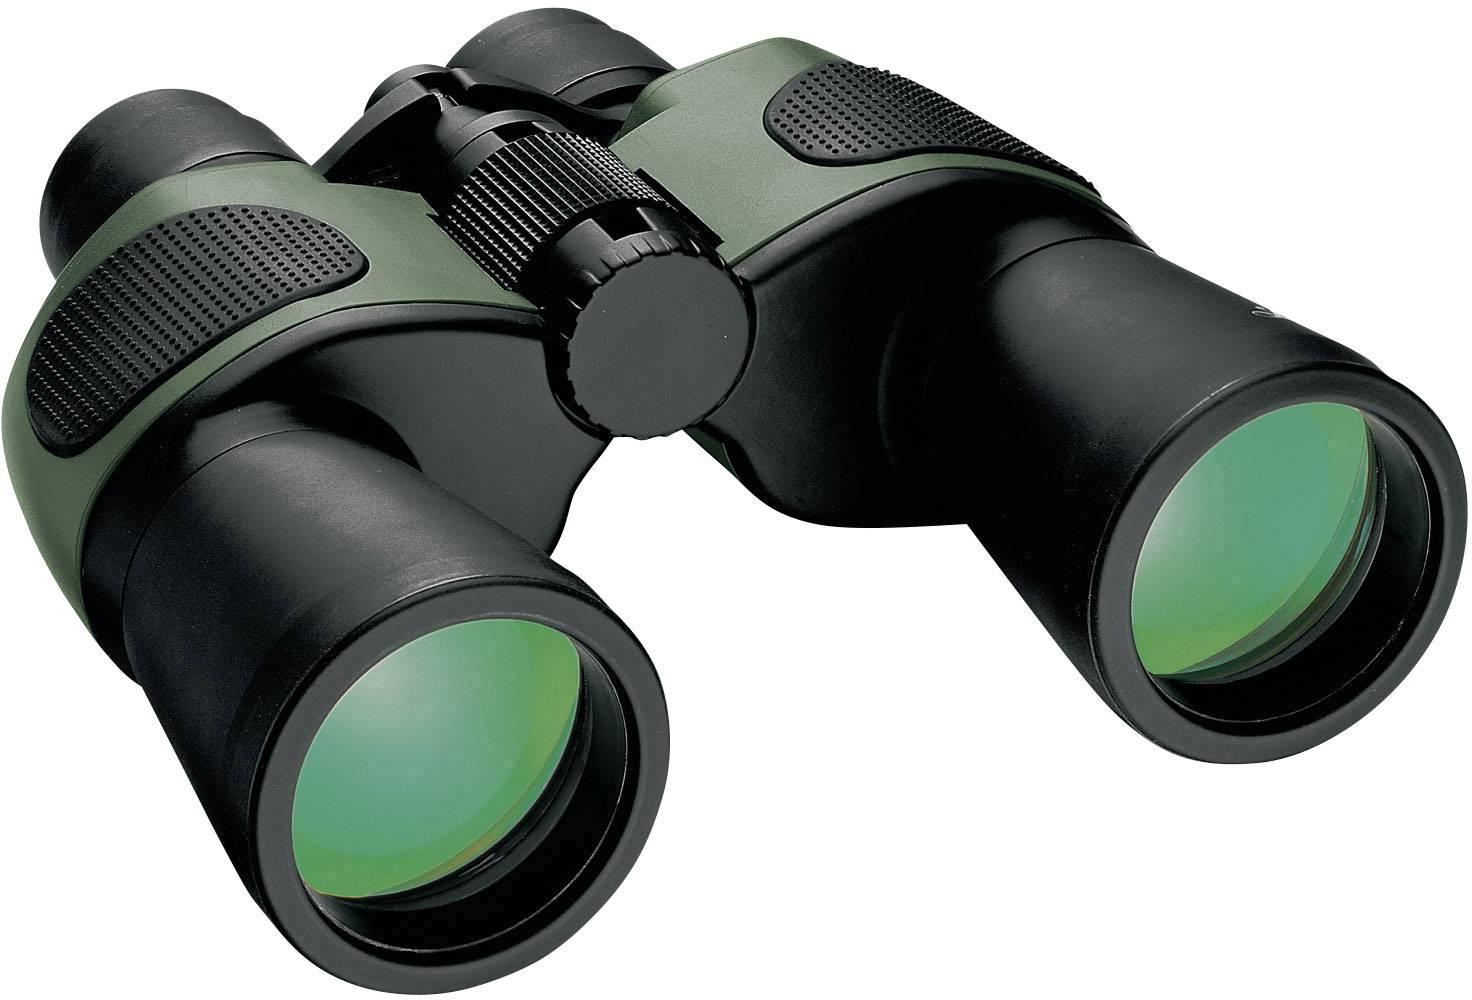 Luger zoom fernglas zv bis mm porro schwarz grün lu